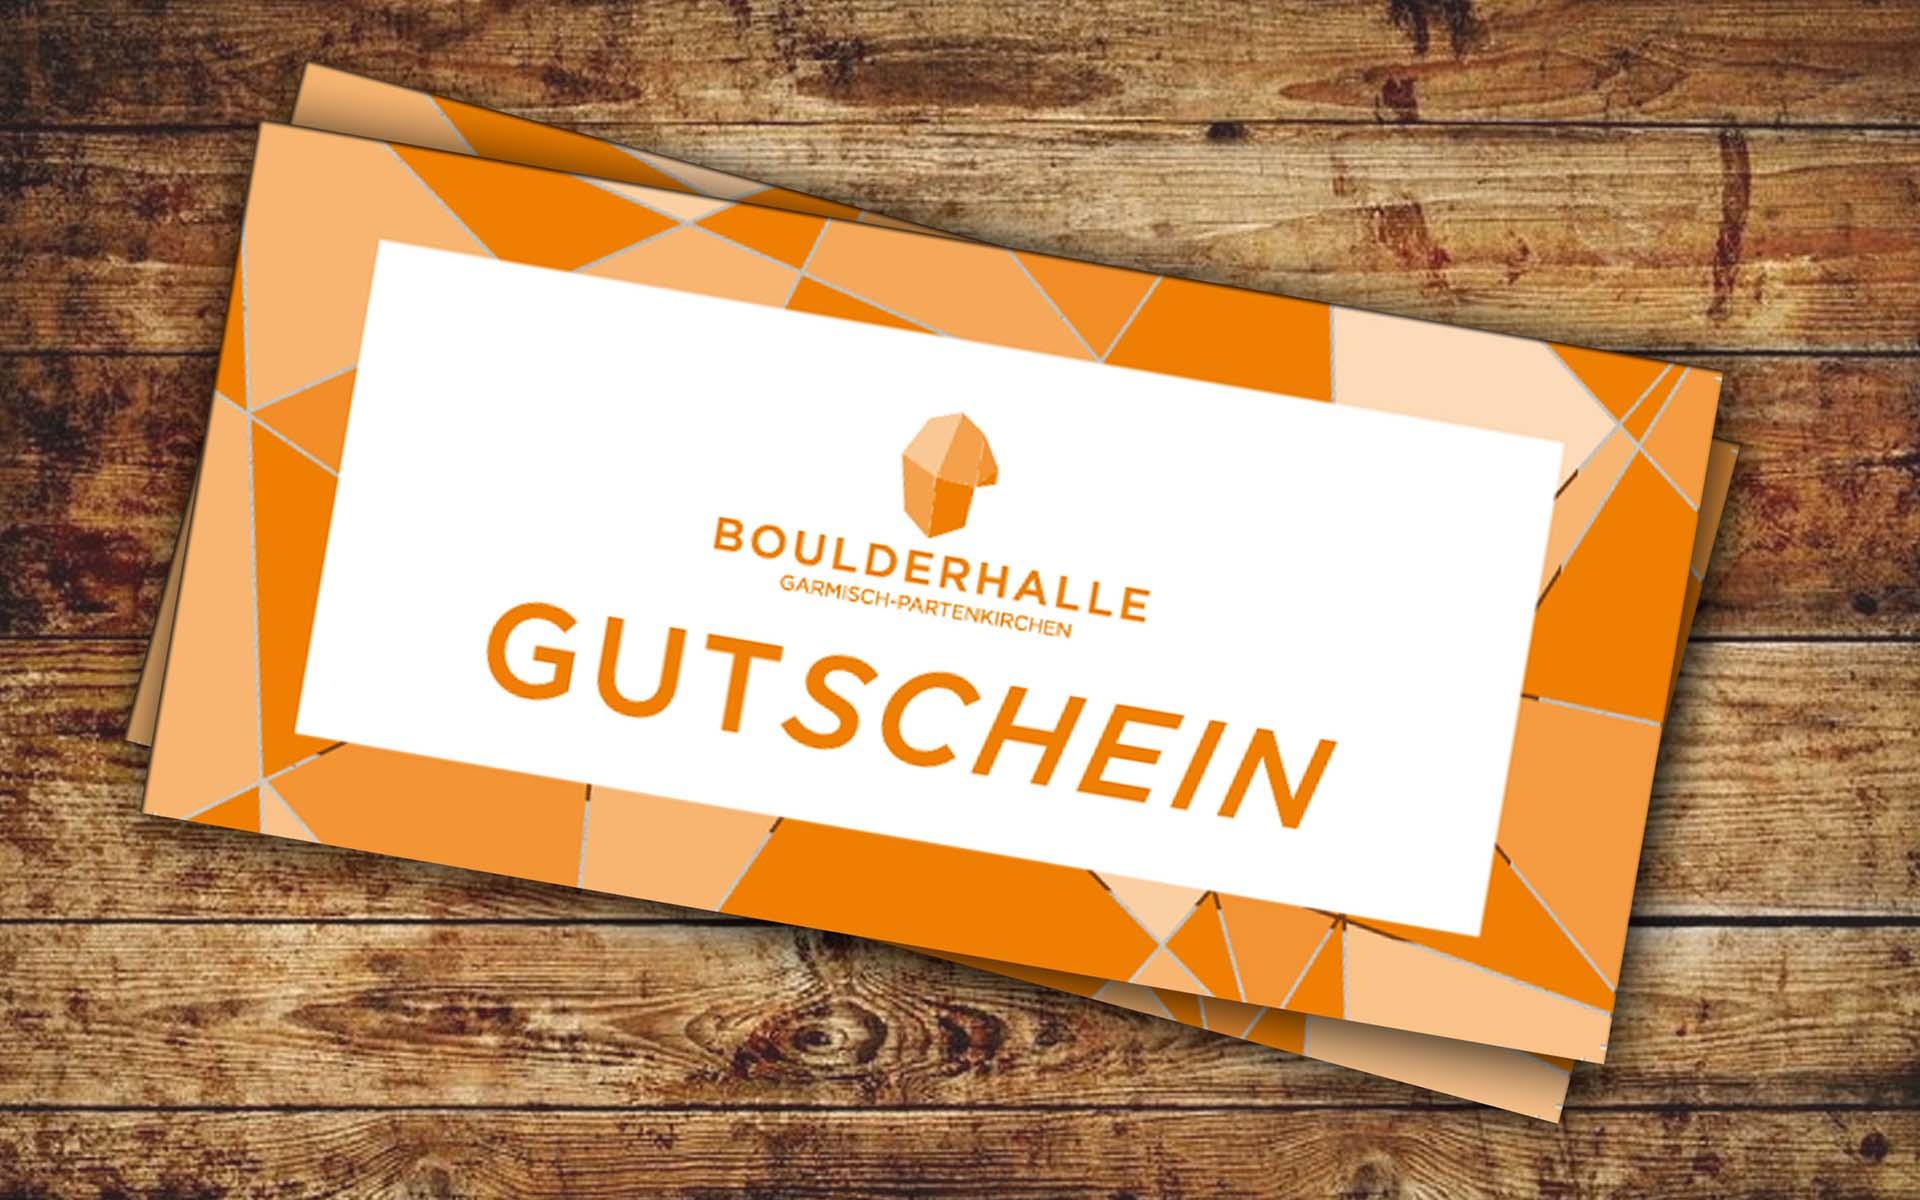 Kletterausrüstung Leihen Garmisch Partenkirchen : Infos dav boulderhalle garmisch partenkirchen